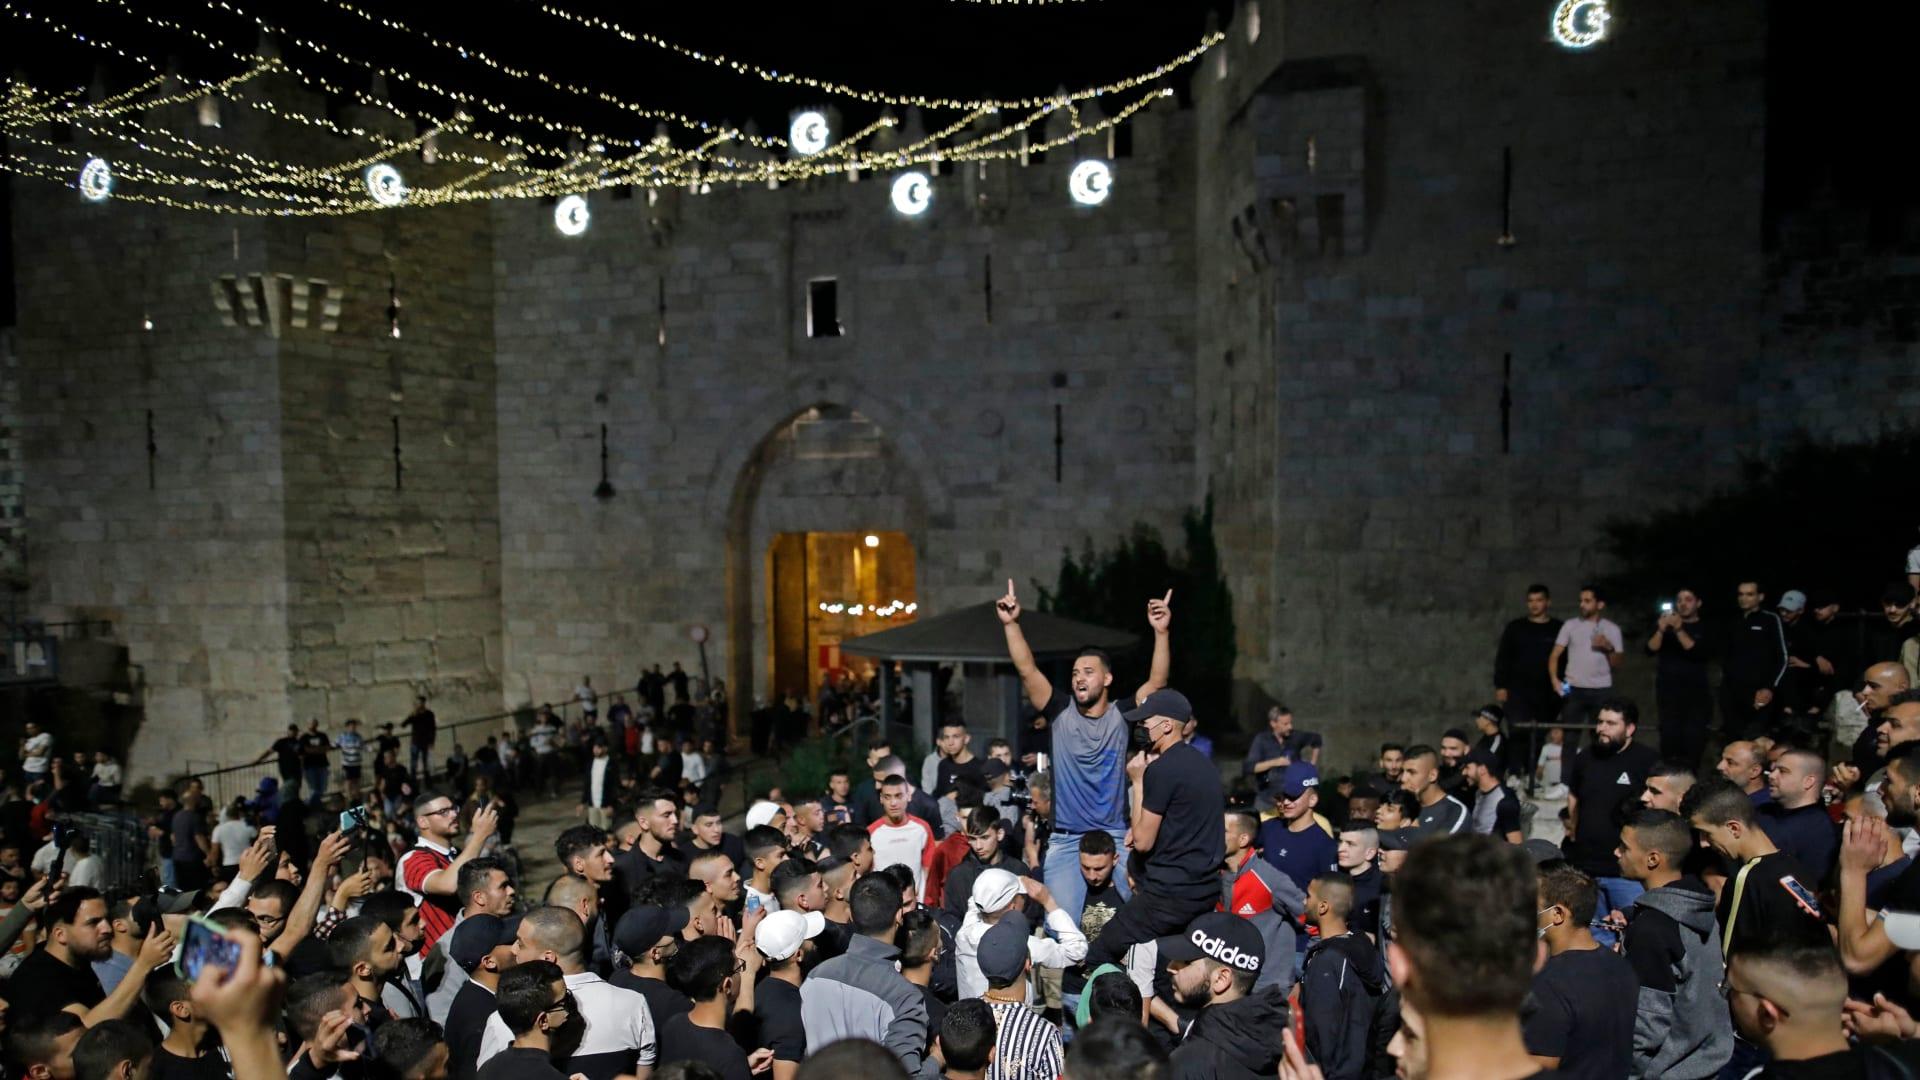 """هتافات """"الموت للعرب"""" وعنف في القدس وصواريخ من غزة.. كيف اندلعت الشرارة؟"""